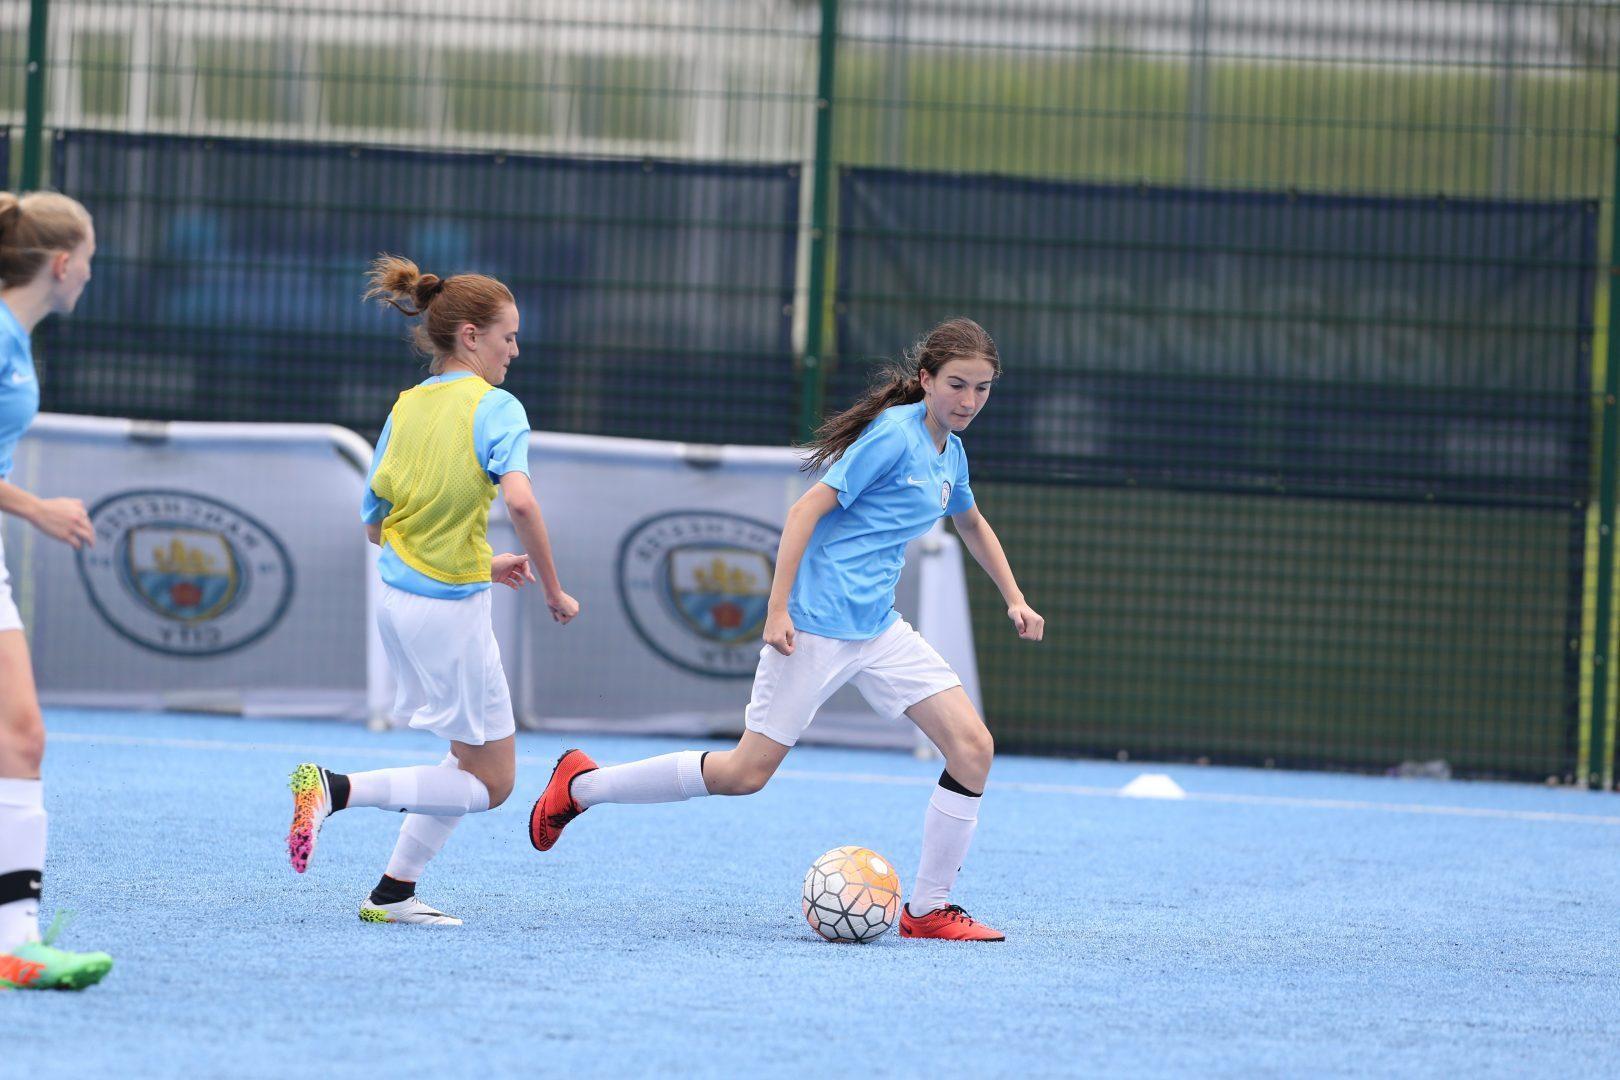 Acampamento de Futebol do Manchester City para Meninas na Inglaterra 2018 - Acampamentos de futebol para meninas em 2020. Conheça a rotina de uma jogadora profissional!